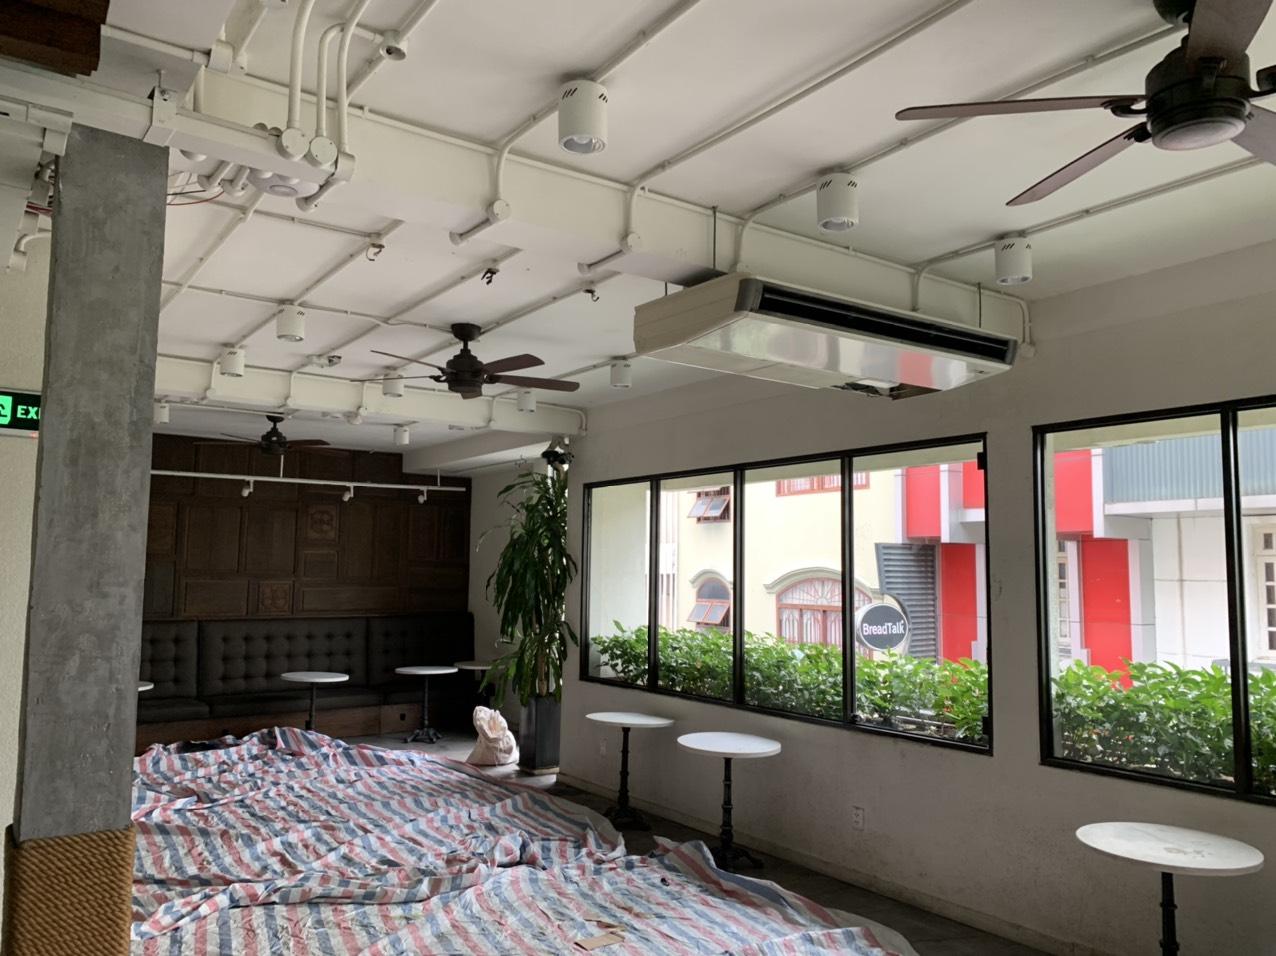 Hình ảnh thi công bảo trì và nâng cấp tại Starbucks